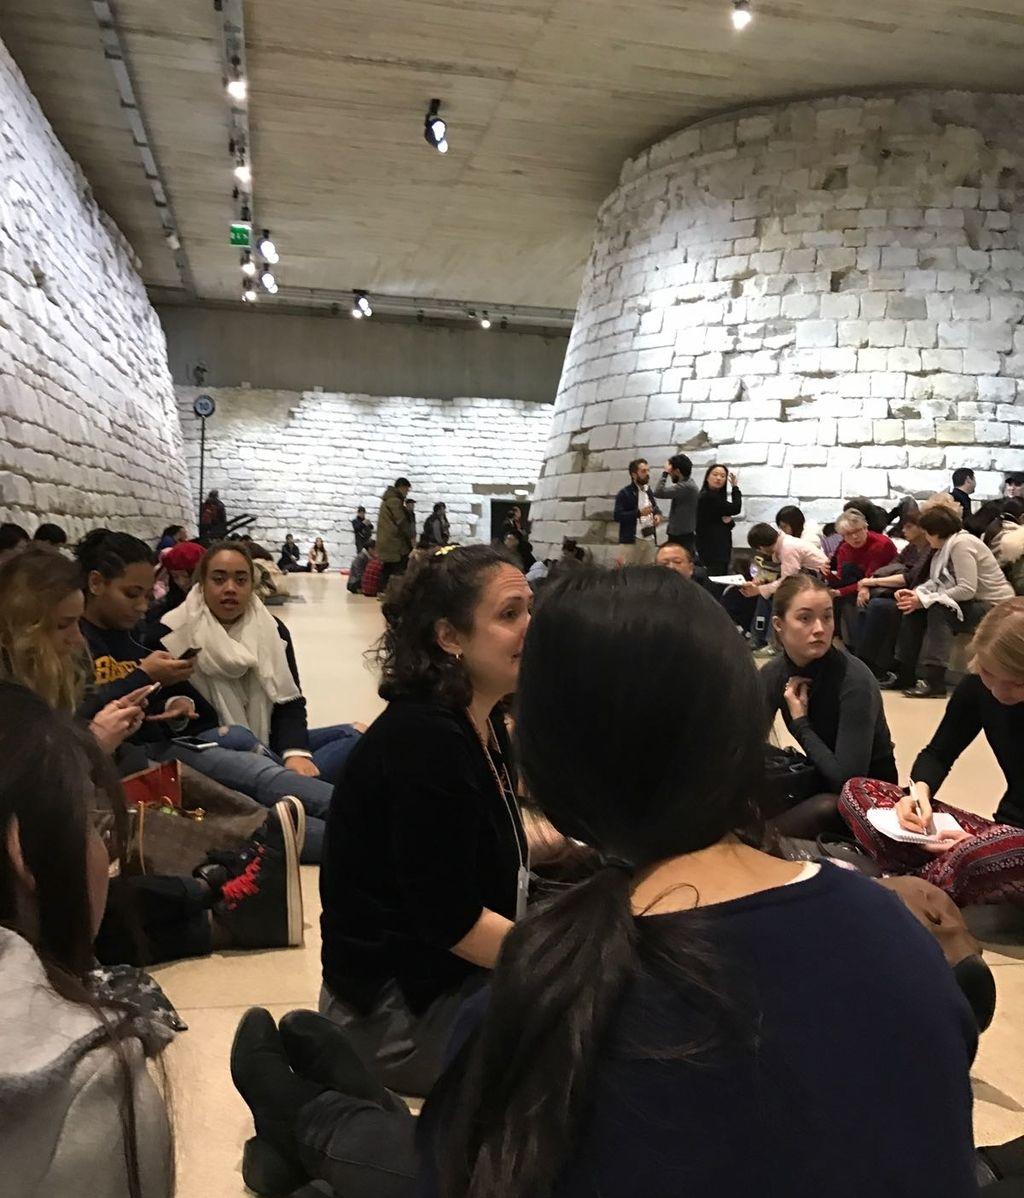 Ataque en el Museo del Louvre